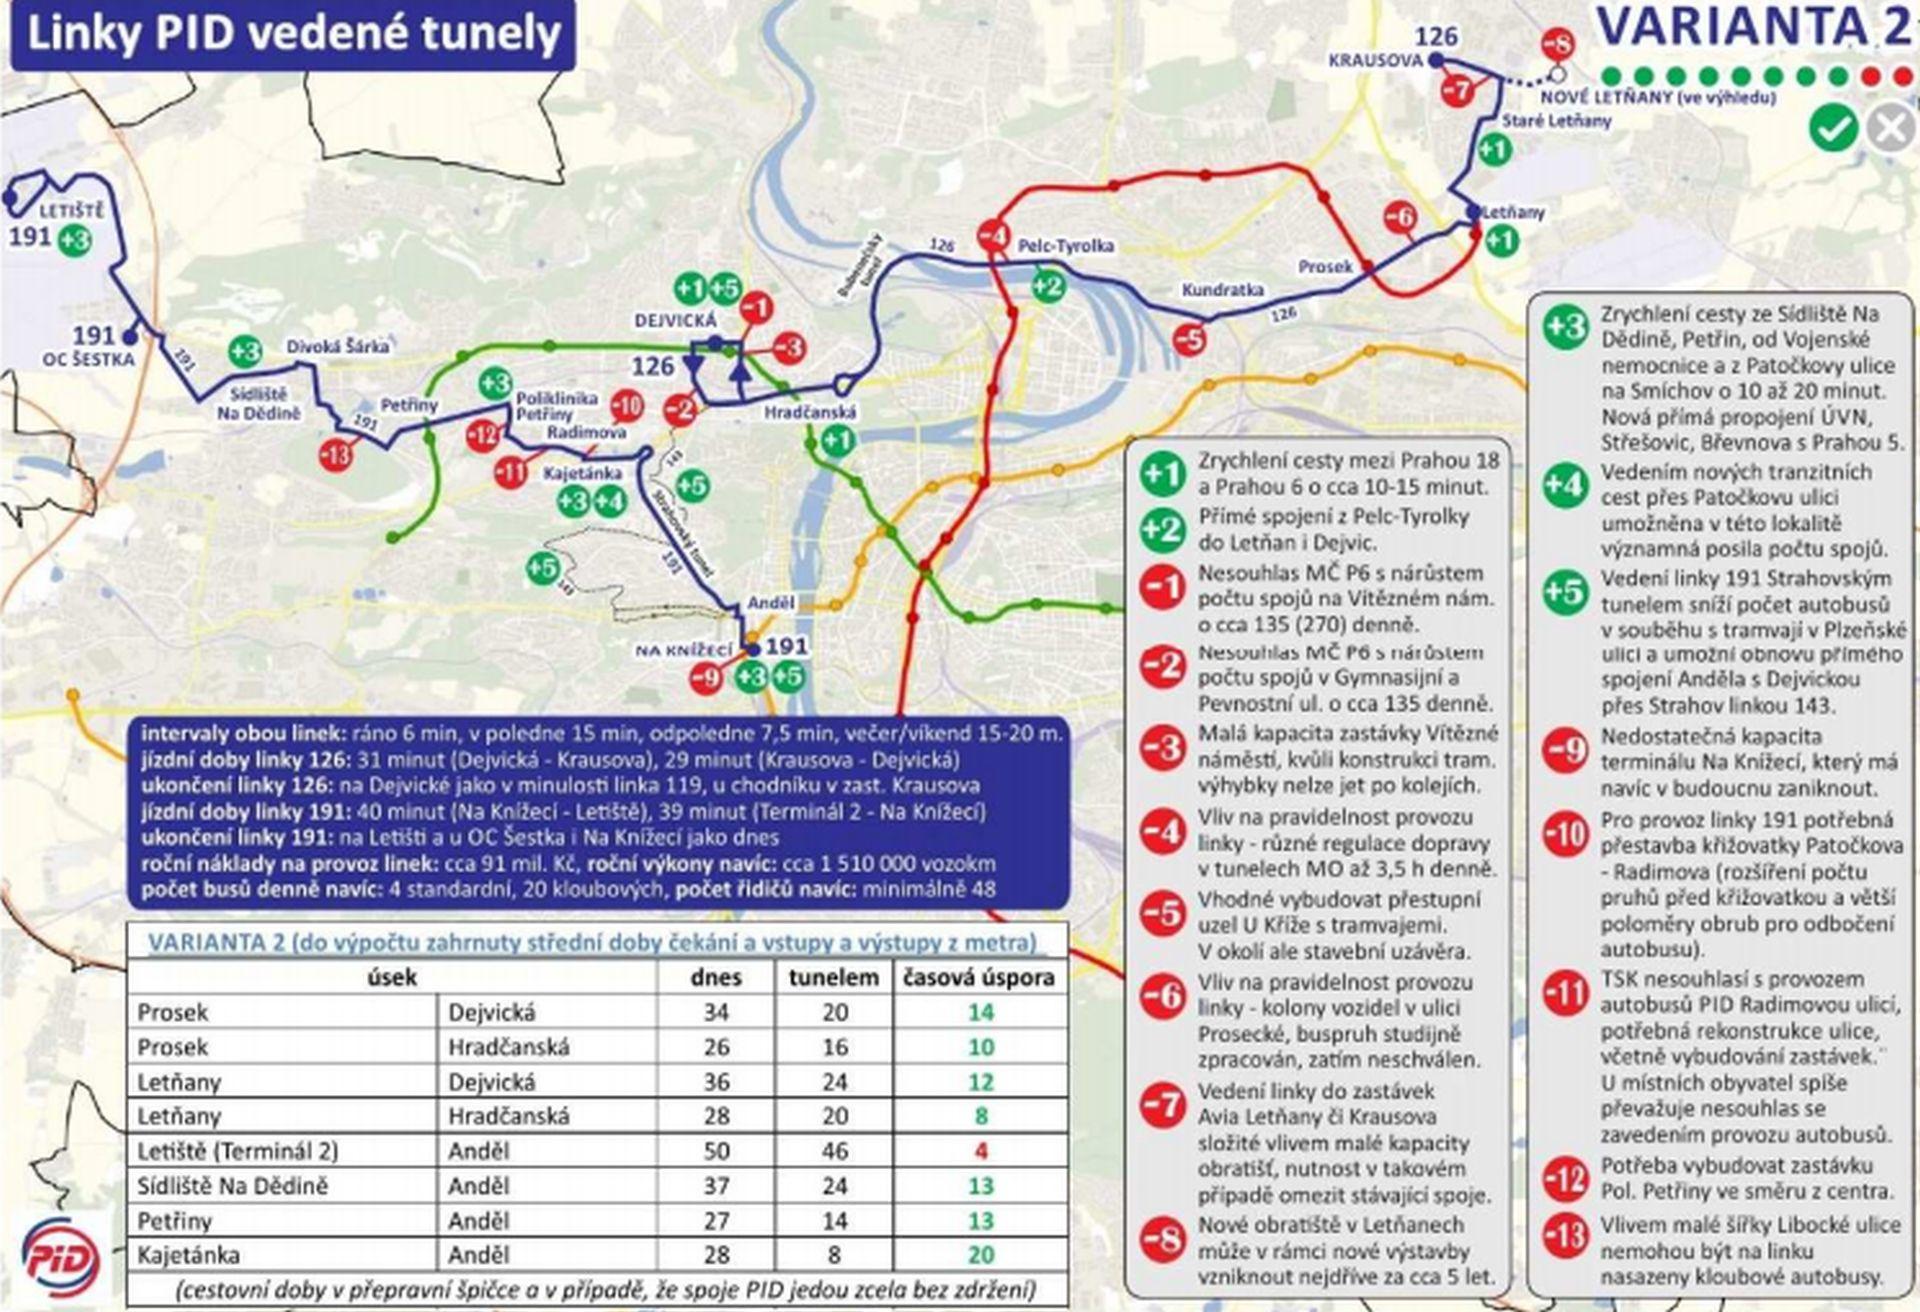 Plán možné sítě expresních autobusových linek v městských tunelech. Varianta 2 vyšla v hodnocení jako nejvýhodnější. Foto: Ropid